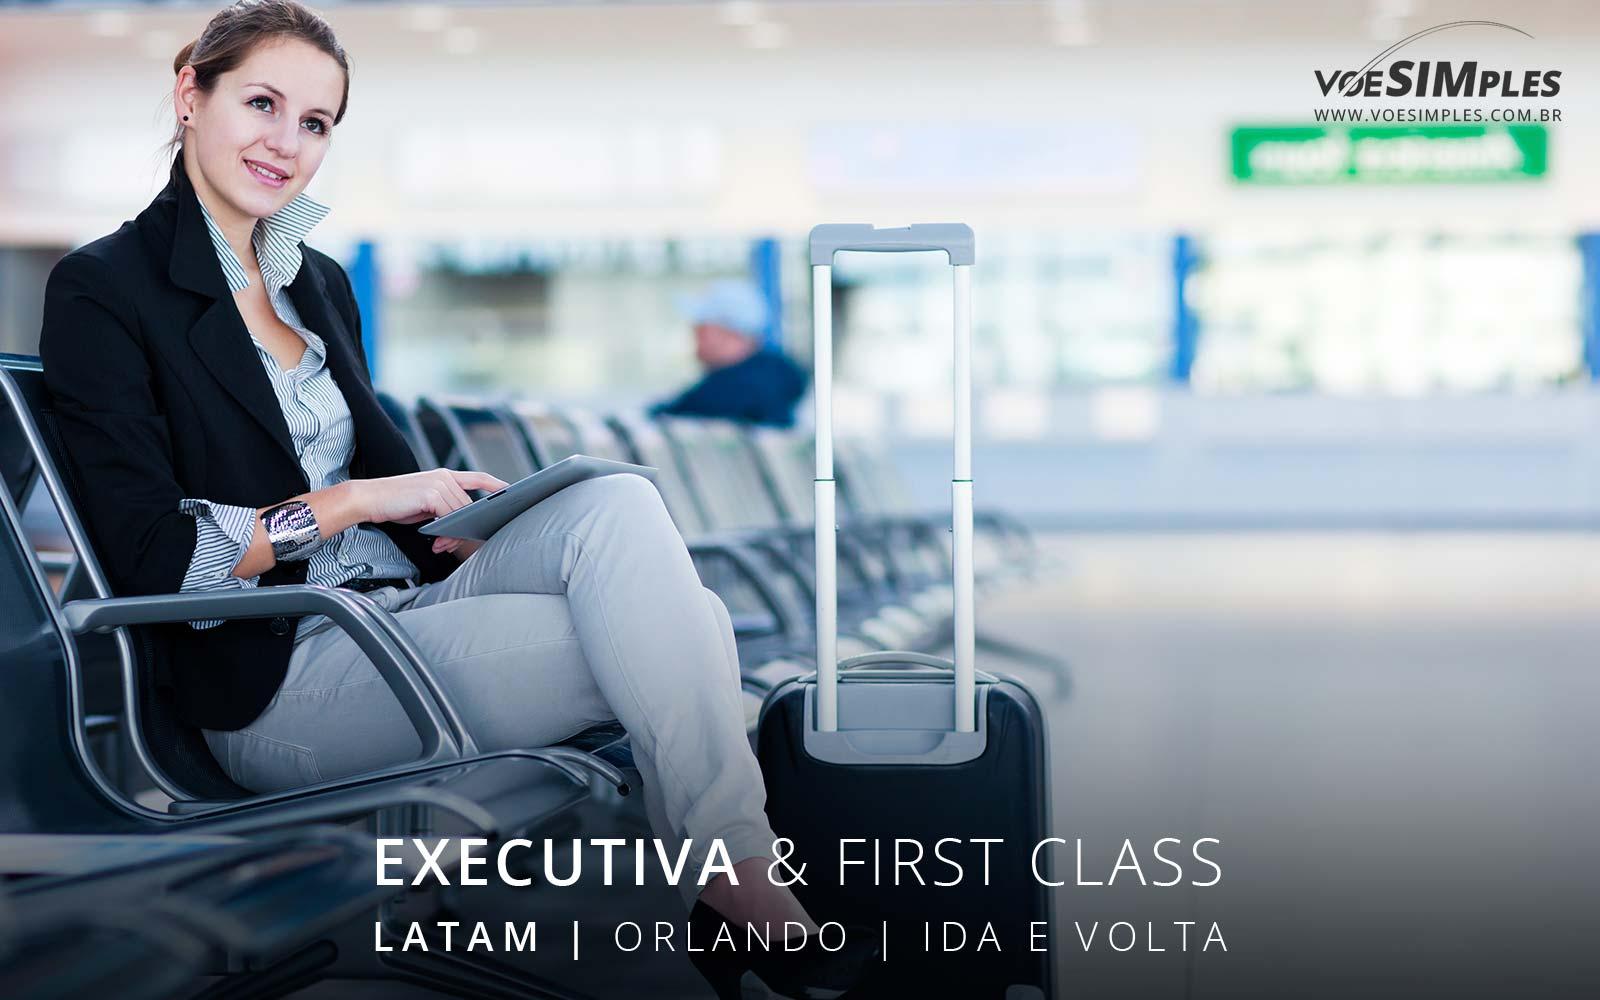 Passagem aérea Executiva Latam para Orlando